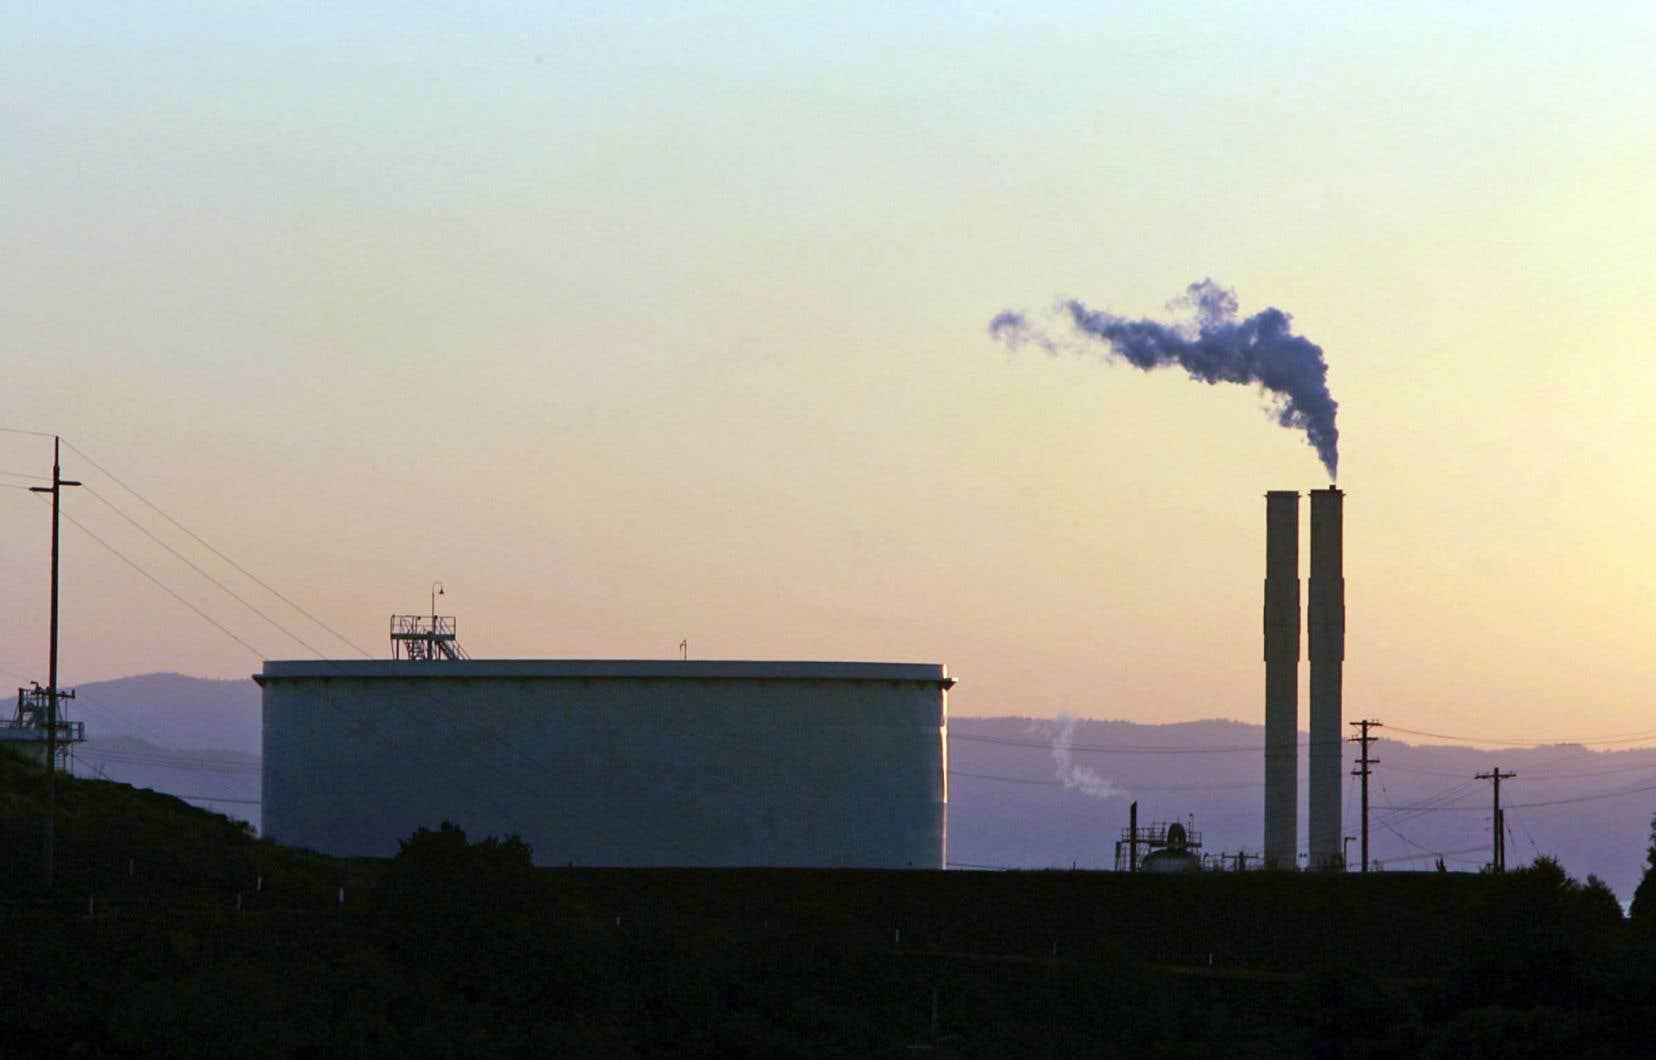 Une grande majorité des entreprises sont d'avis que le marché du carbone entraînera une fuite des capitaux vers l'extérieur du Québec.